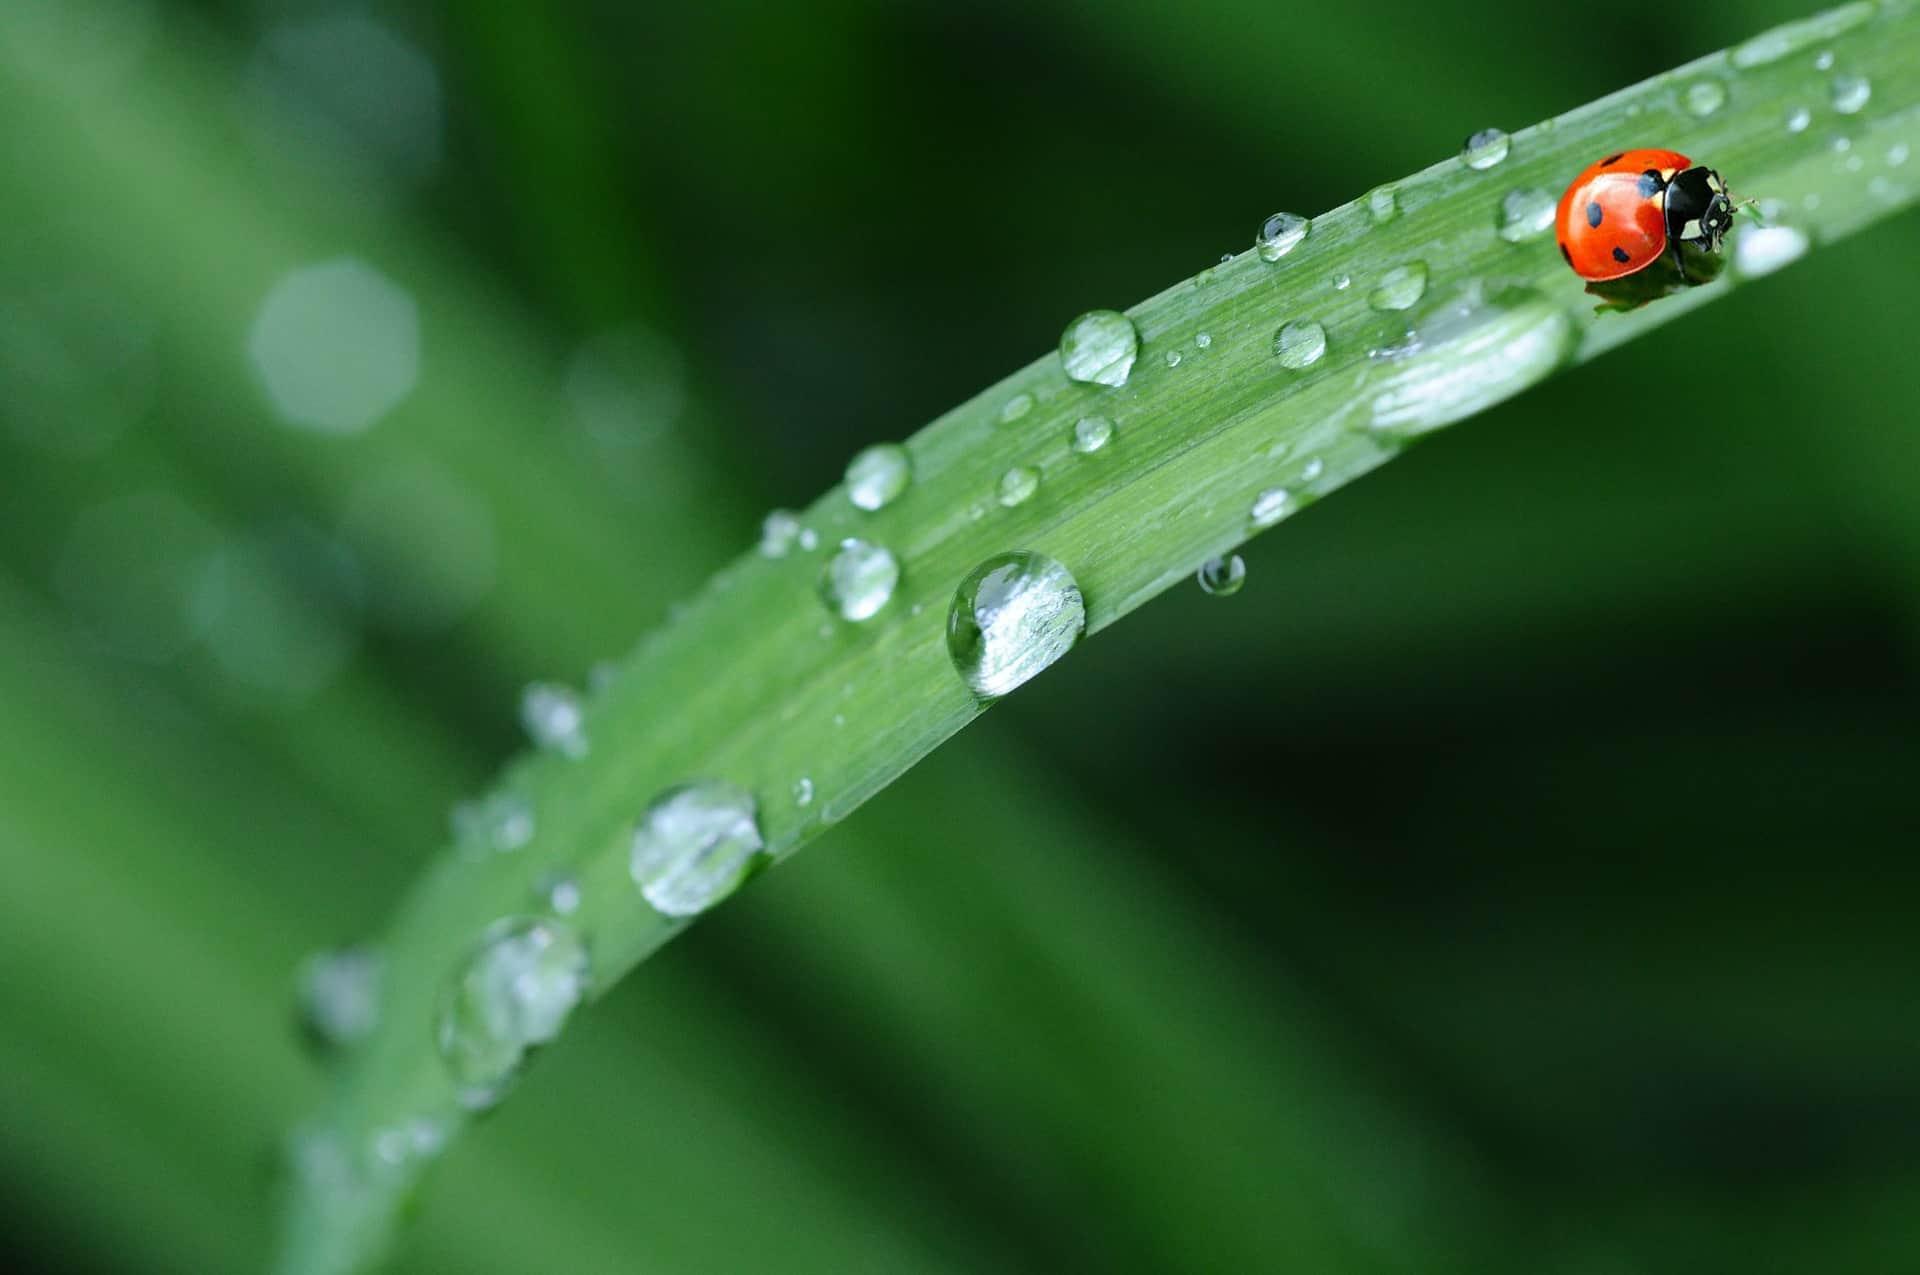 Regenjacke: Test & Empfehlungen (10/20)